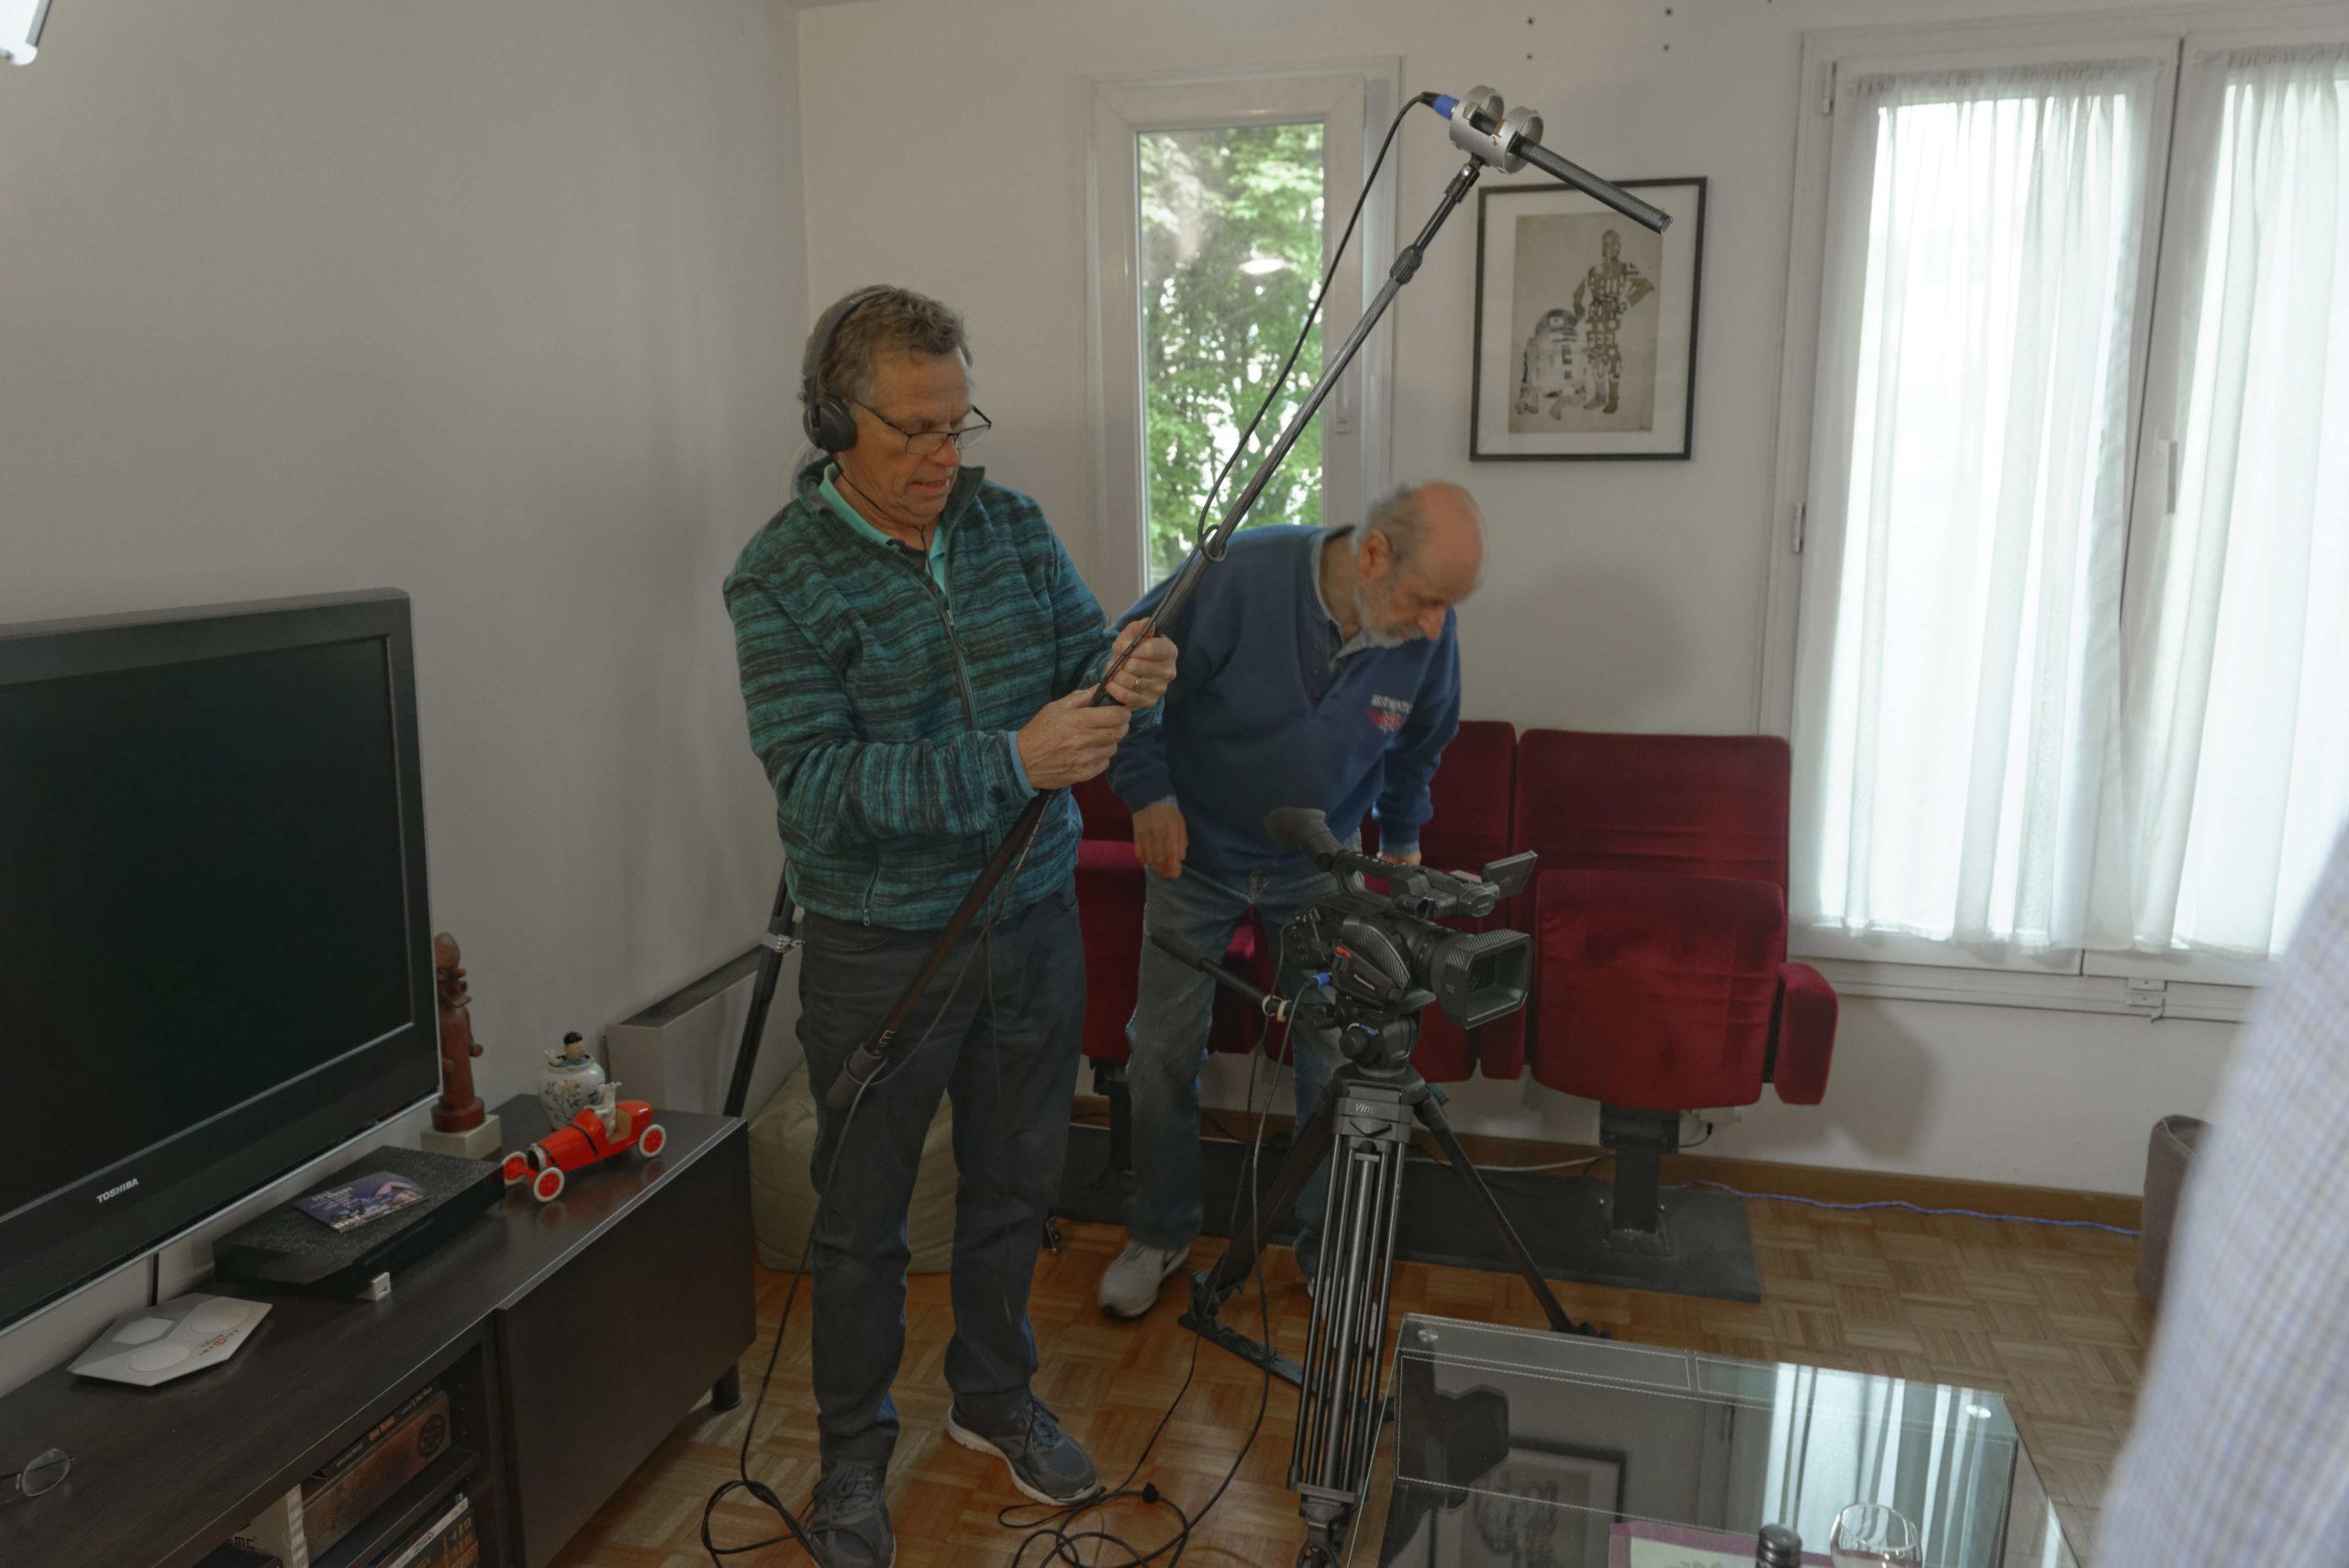 Pere et impair photos tournage 02